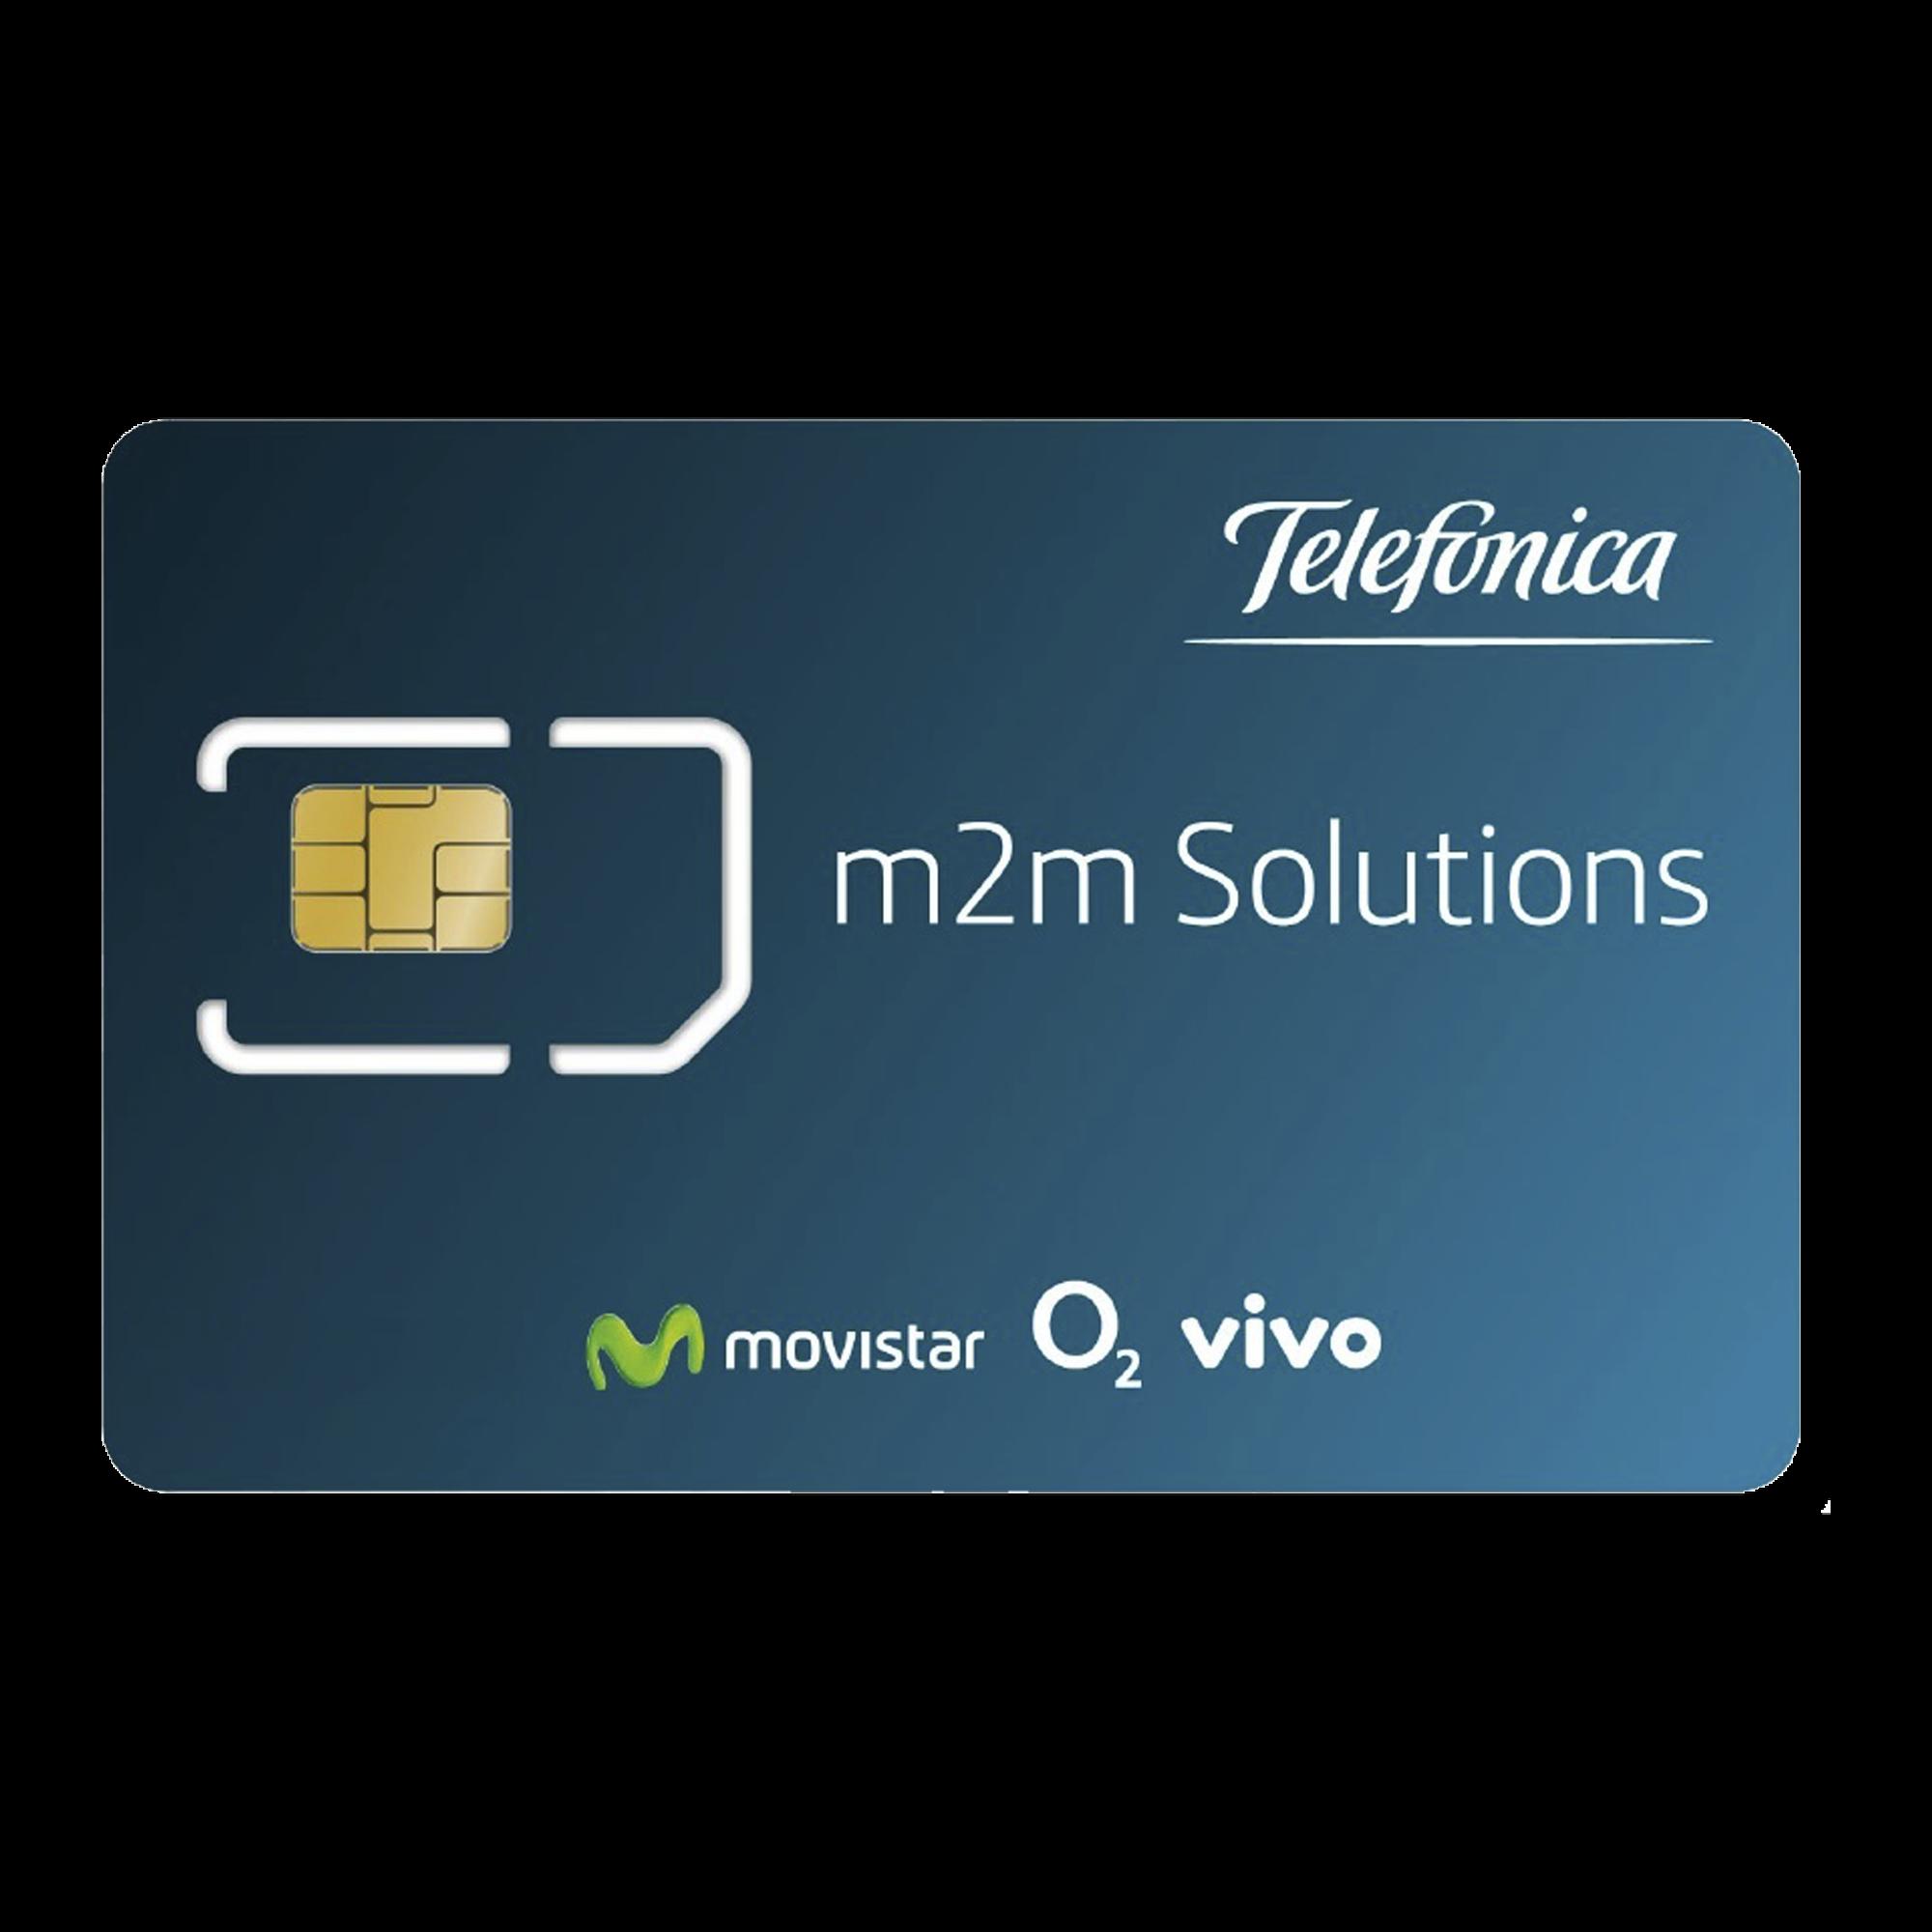 25Mb Mensuales/ MULTI-CARRIER(Telcel/Movistar) / 12 Meses de Servicio /  Especial para GPS